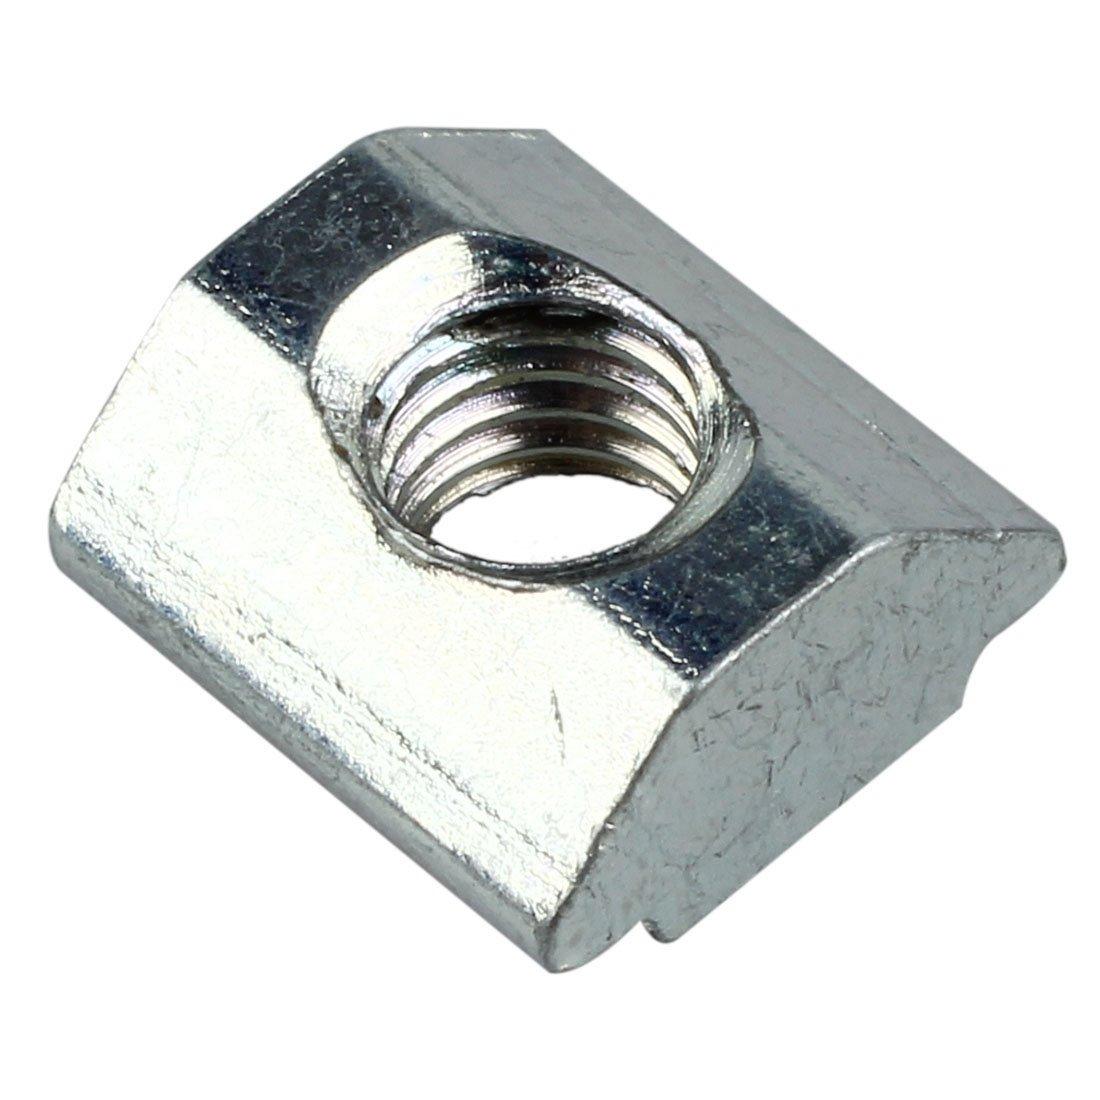 T-Mutter - TOOGOO(R) 10 Stueck T-Nut-Aluminium Extrusion 20 Serie M5 Hardware Einschub-T-Mutter